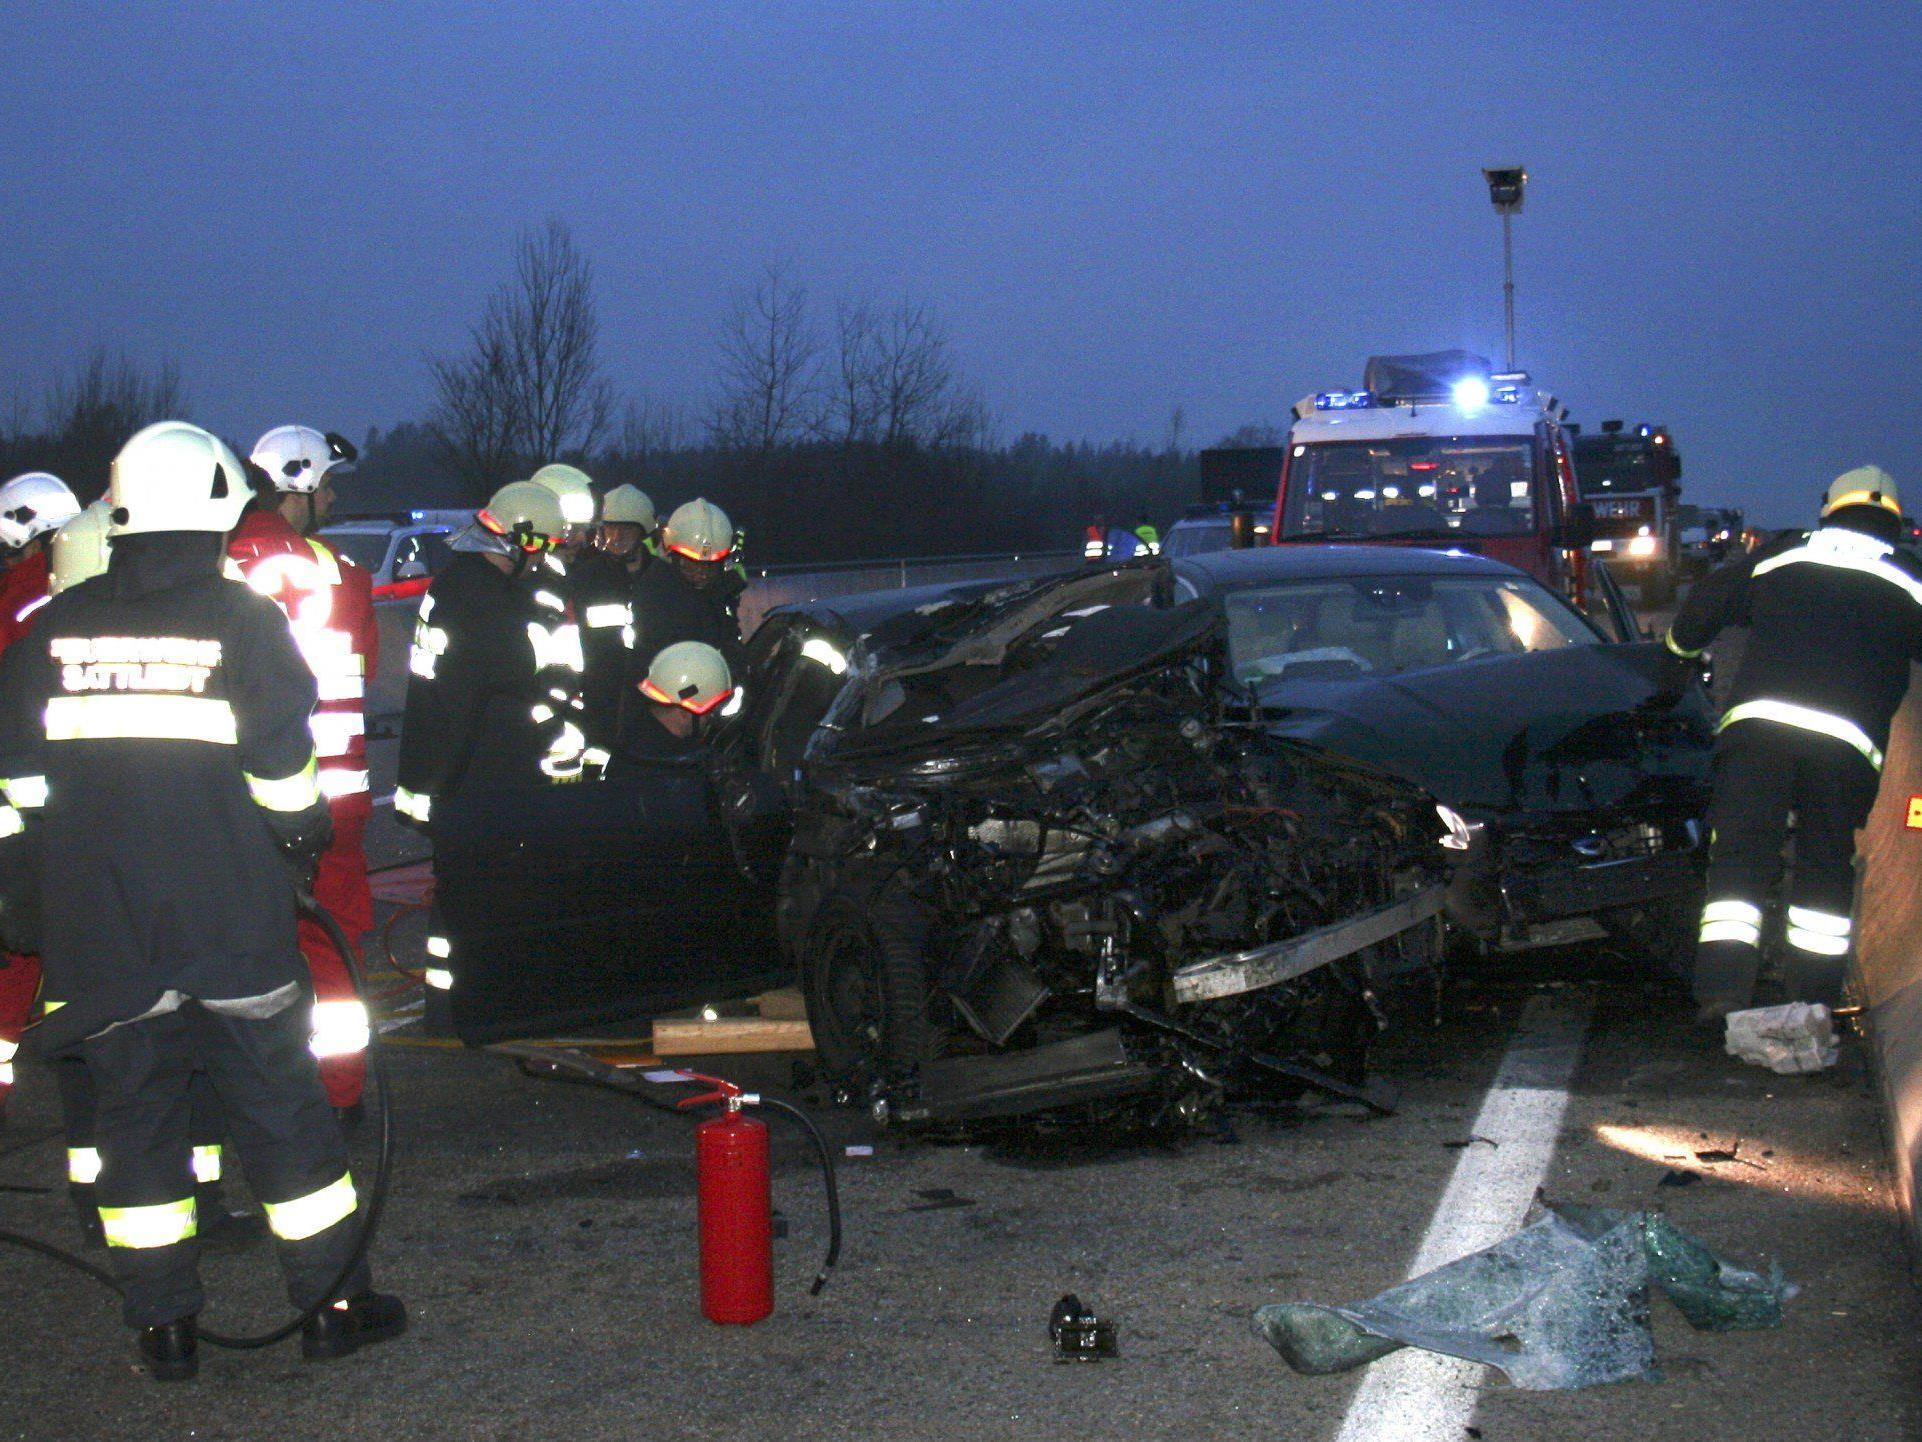 Ein Schwerverletzter bei Unfall mit drei Fahrzeugen auf A1 in OÖ